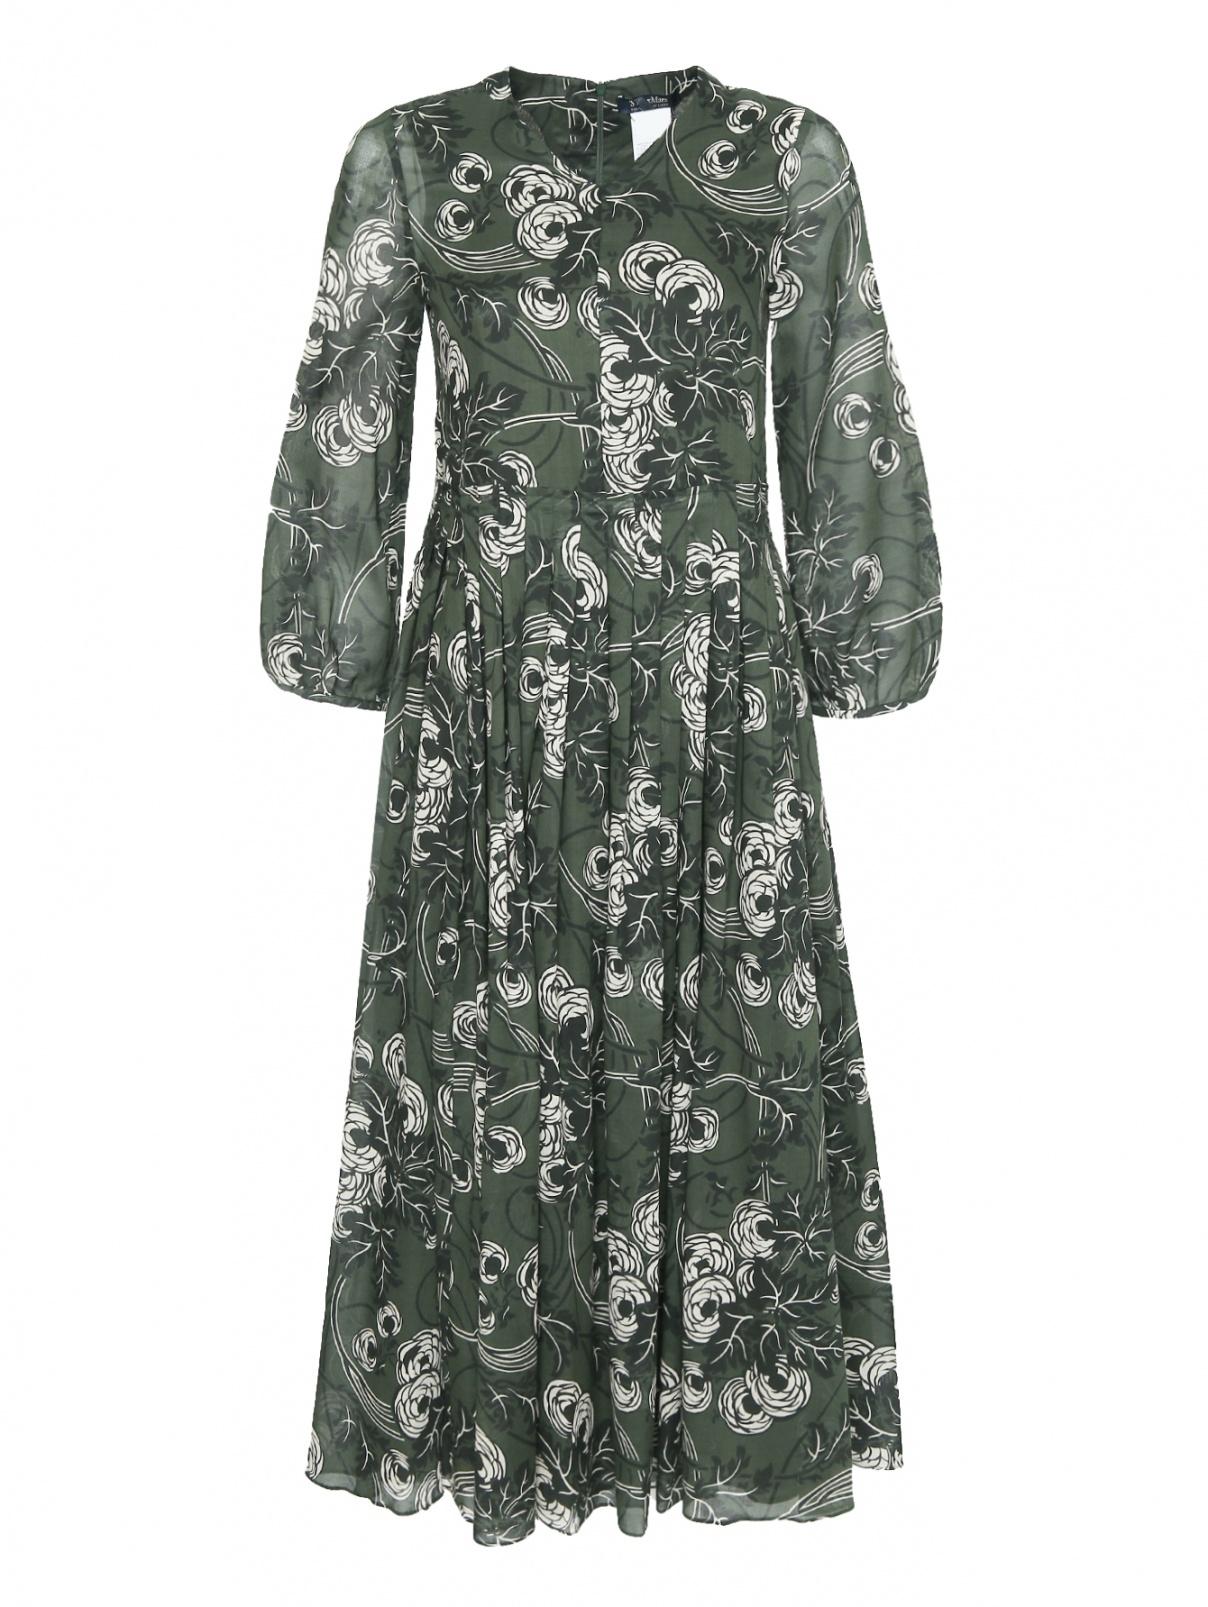 Платье-миди из хлопка с узором Max Mara  –  Общий вид  – Цвет:  Зеленый